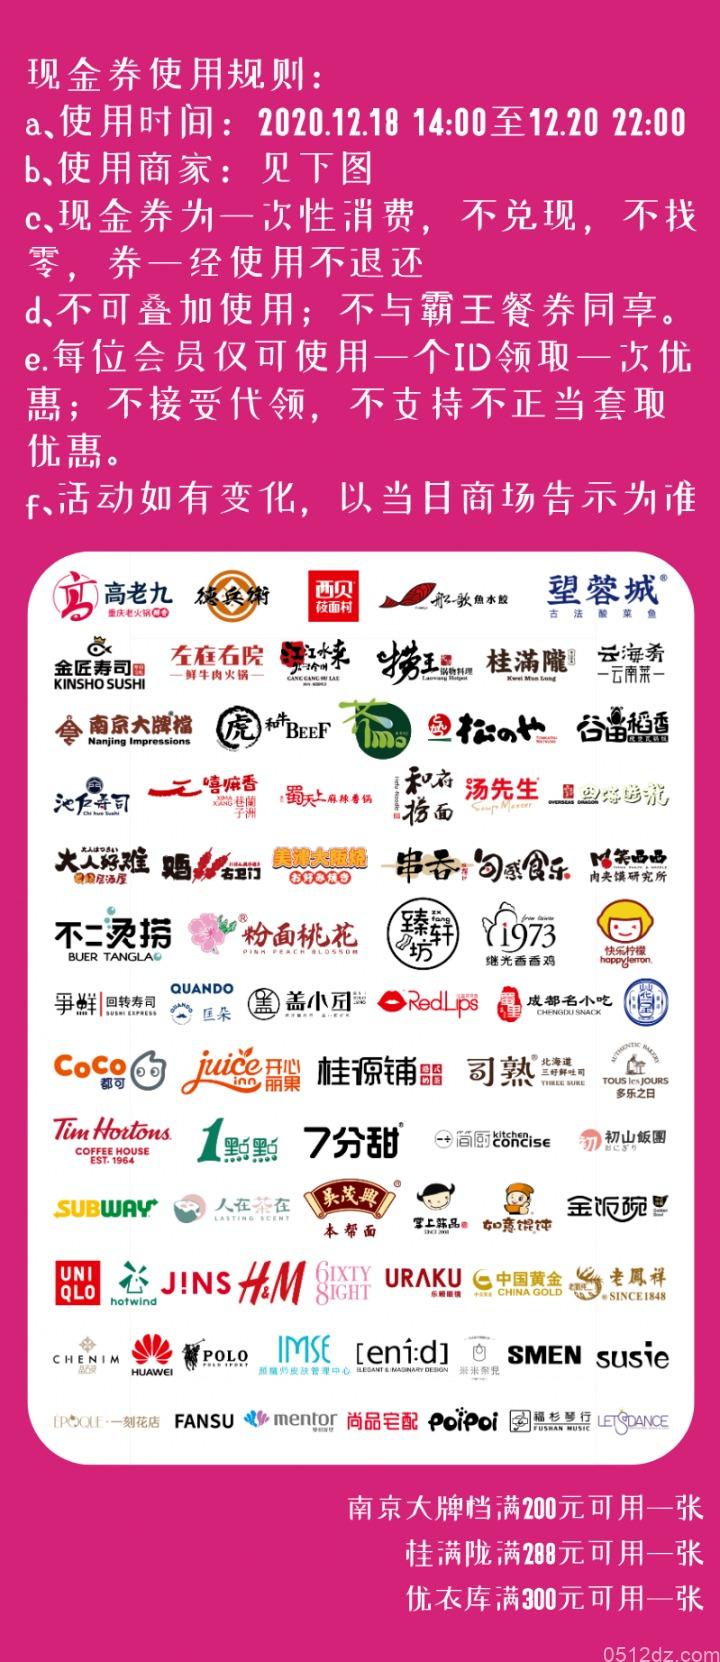 上海近铁城市广场6周年庆最后一波福利